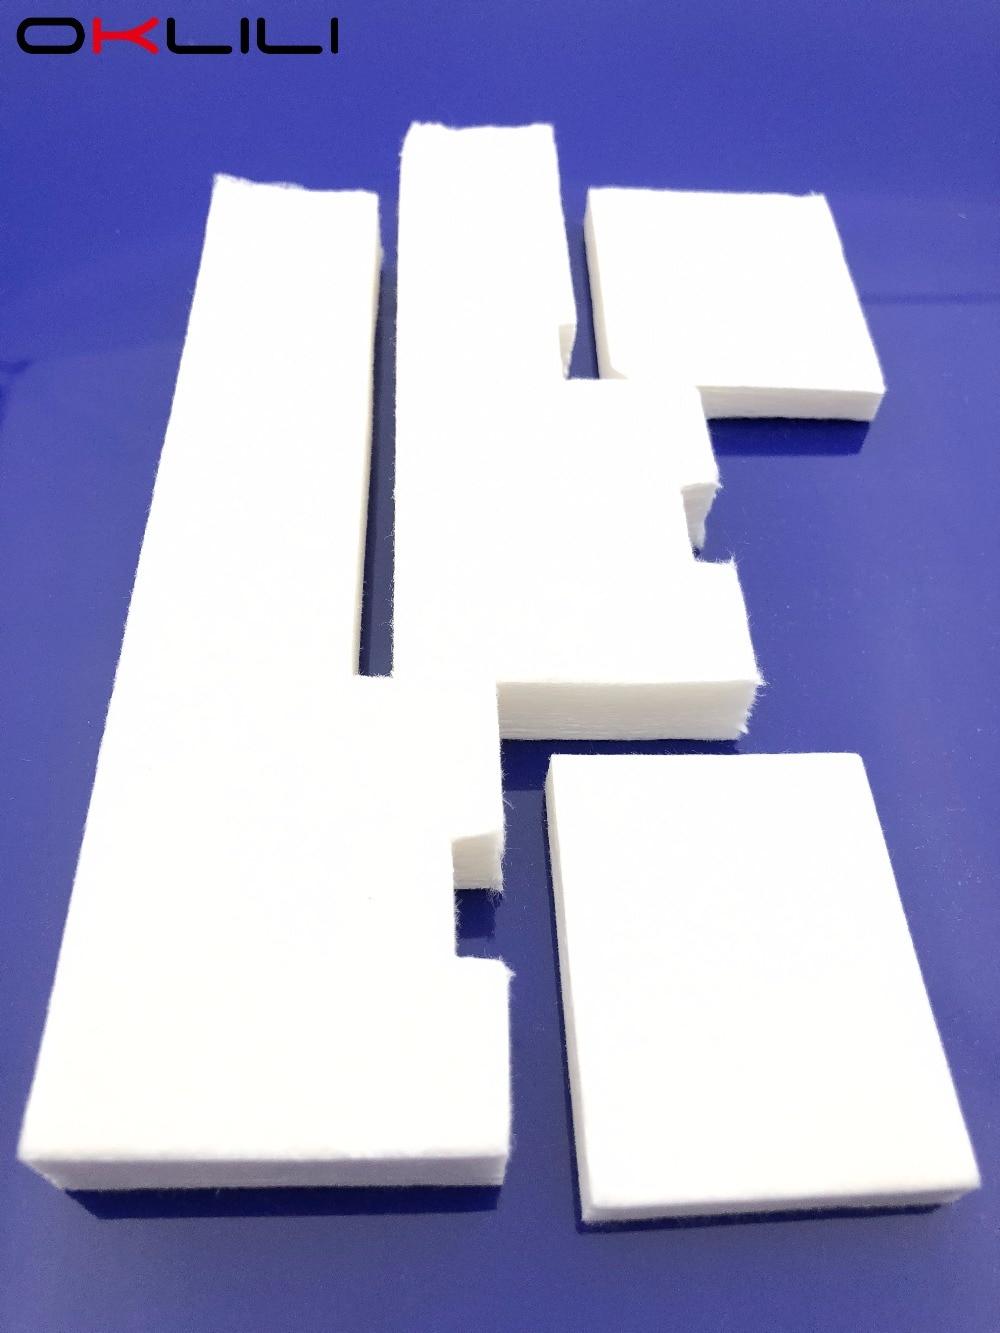 Tray Porous Pad Waste Ink Tank Sponge for Epson ET2500 ET2550 L120 L455 L456 TX235W TX430W SX230 SX235W SX430W SX435W SX440W 10pcs for epson dx5 uv printer ink damper for epson stylus proll 4000 4800 7400 7800 9800 9400 9450 flat printer uv ink damper